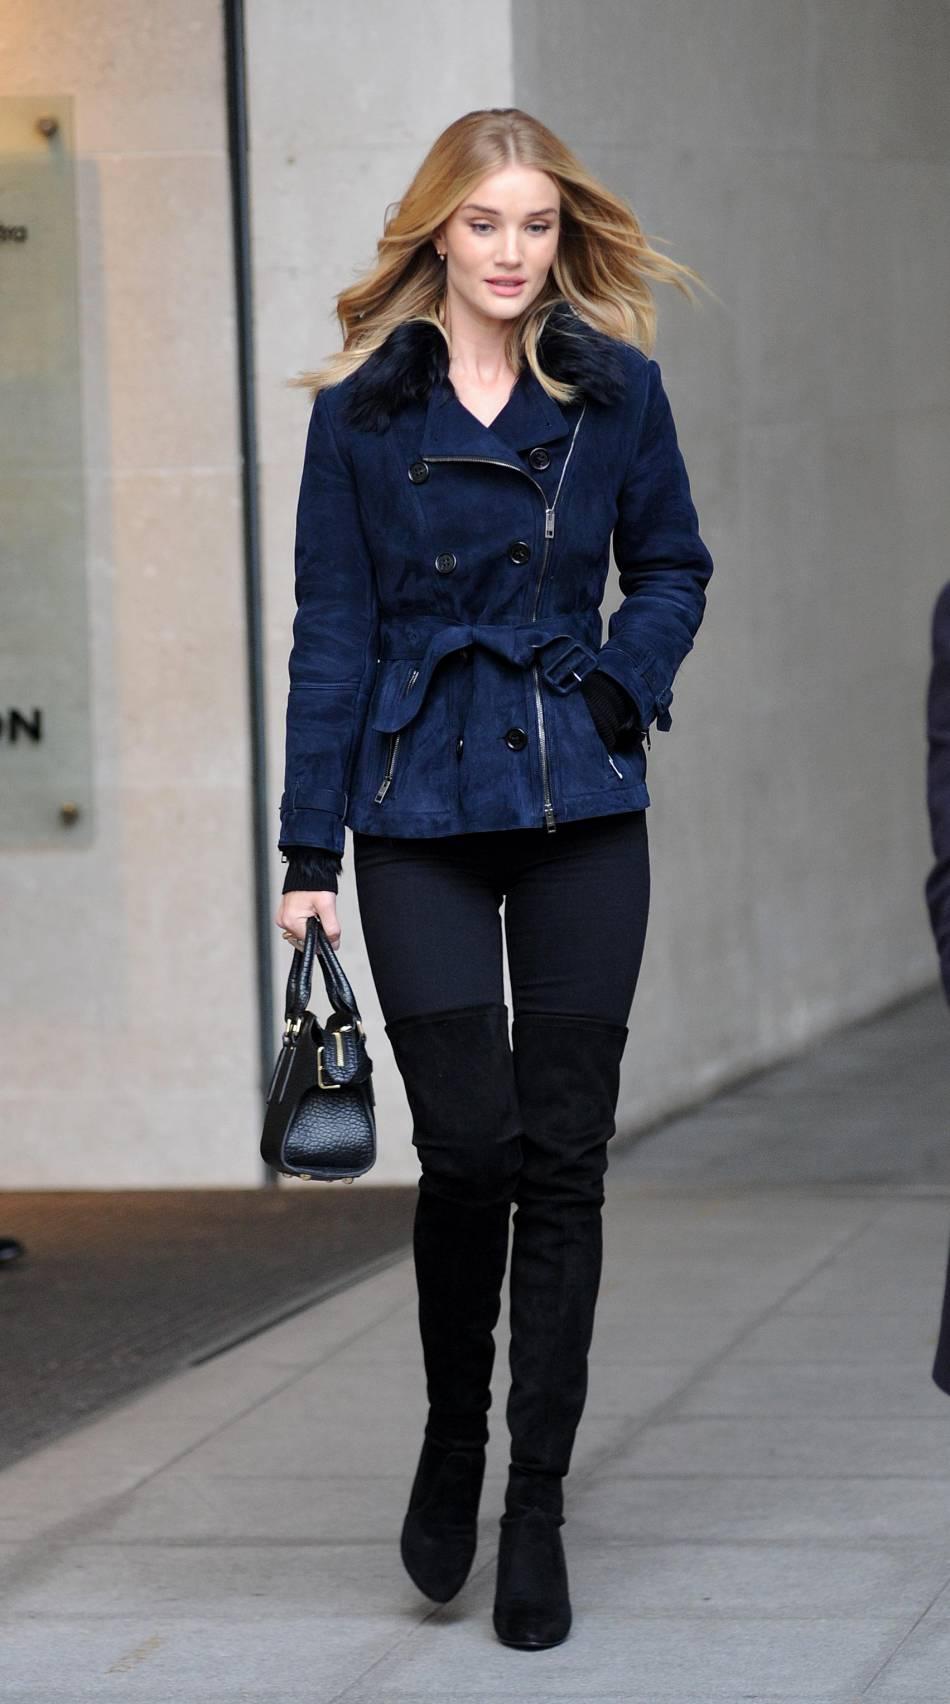 Rosie Huntington-Whiteley et son look qui nous donne envie de mettre des cuissardes !